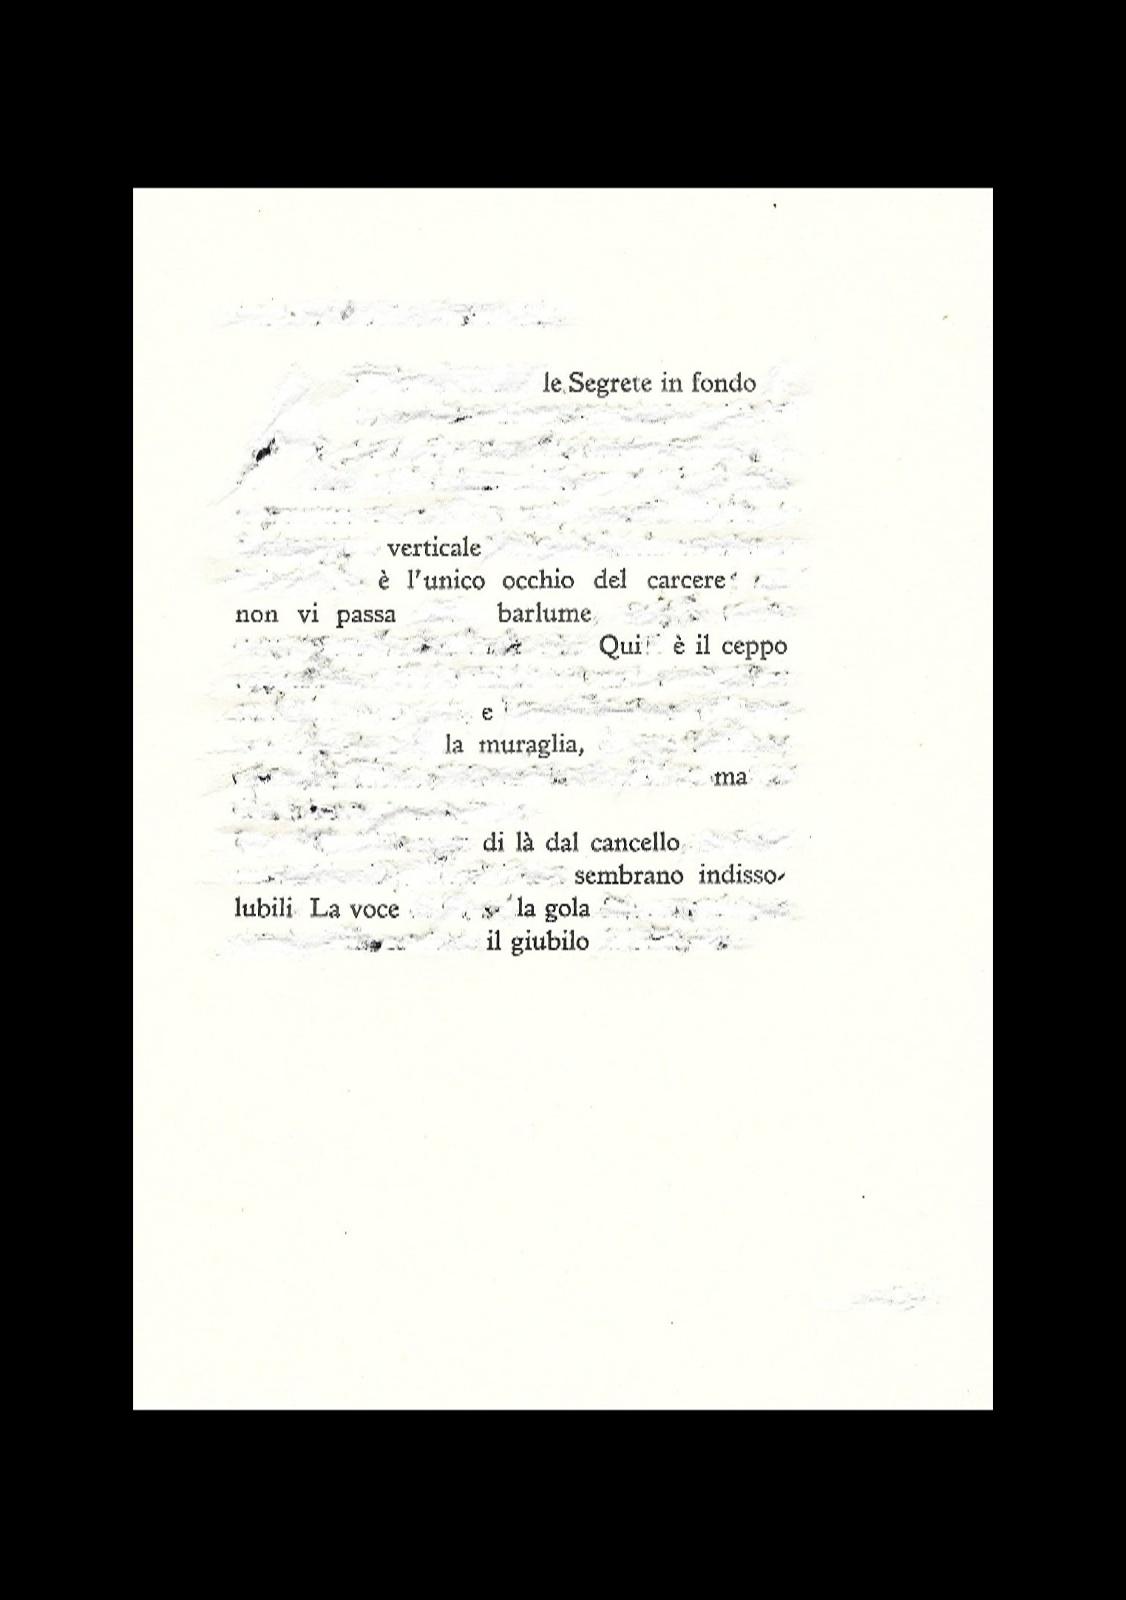 Le segrete in fondo - cacciavite su pagina in esilio dal libro - cornice 18x24 - 2021